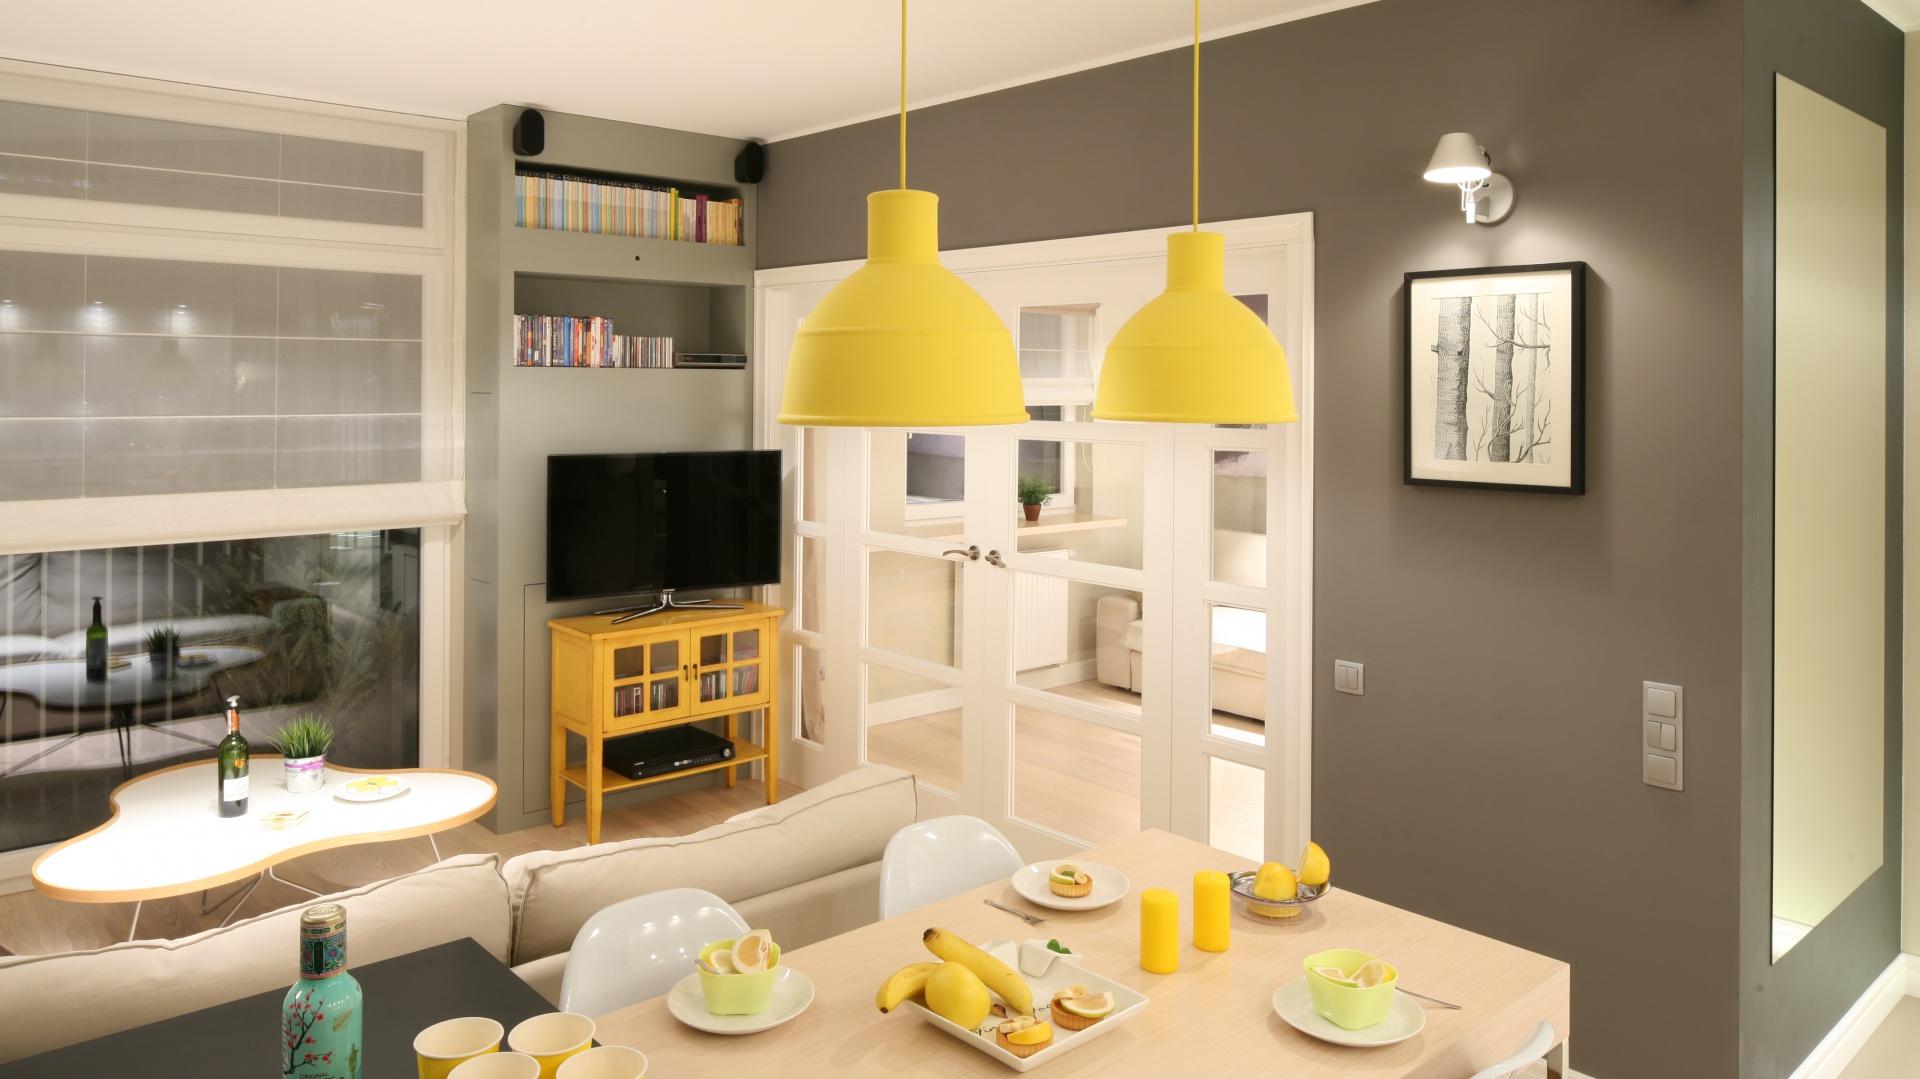 urz dzony w szaro ciach i salon z aneksem kuchennym 20 praktycznych sposob w na ma e. Black Bedroom Furniture Sets. Home Design Ideas